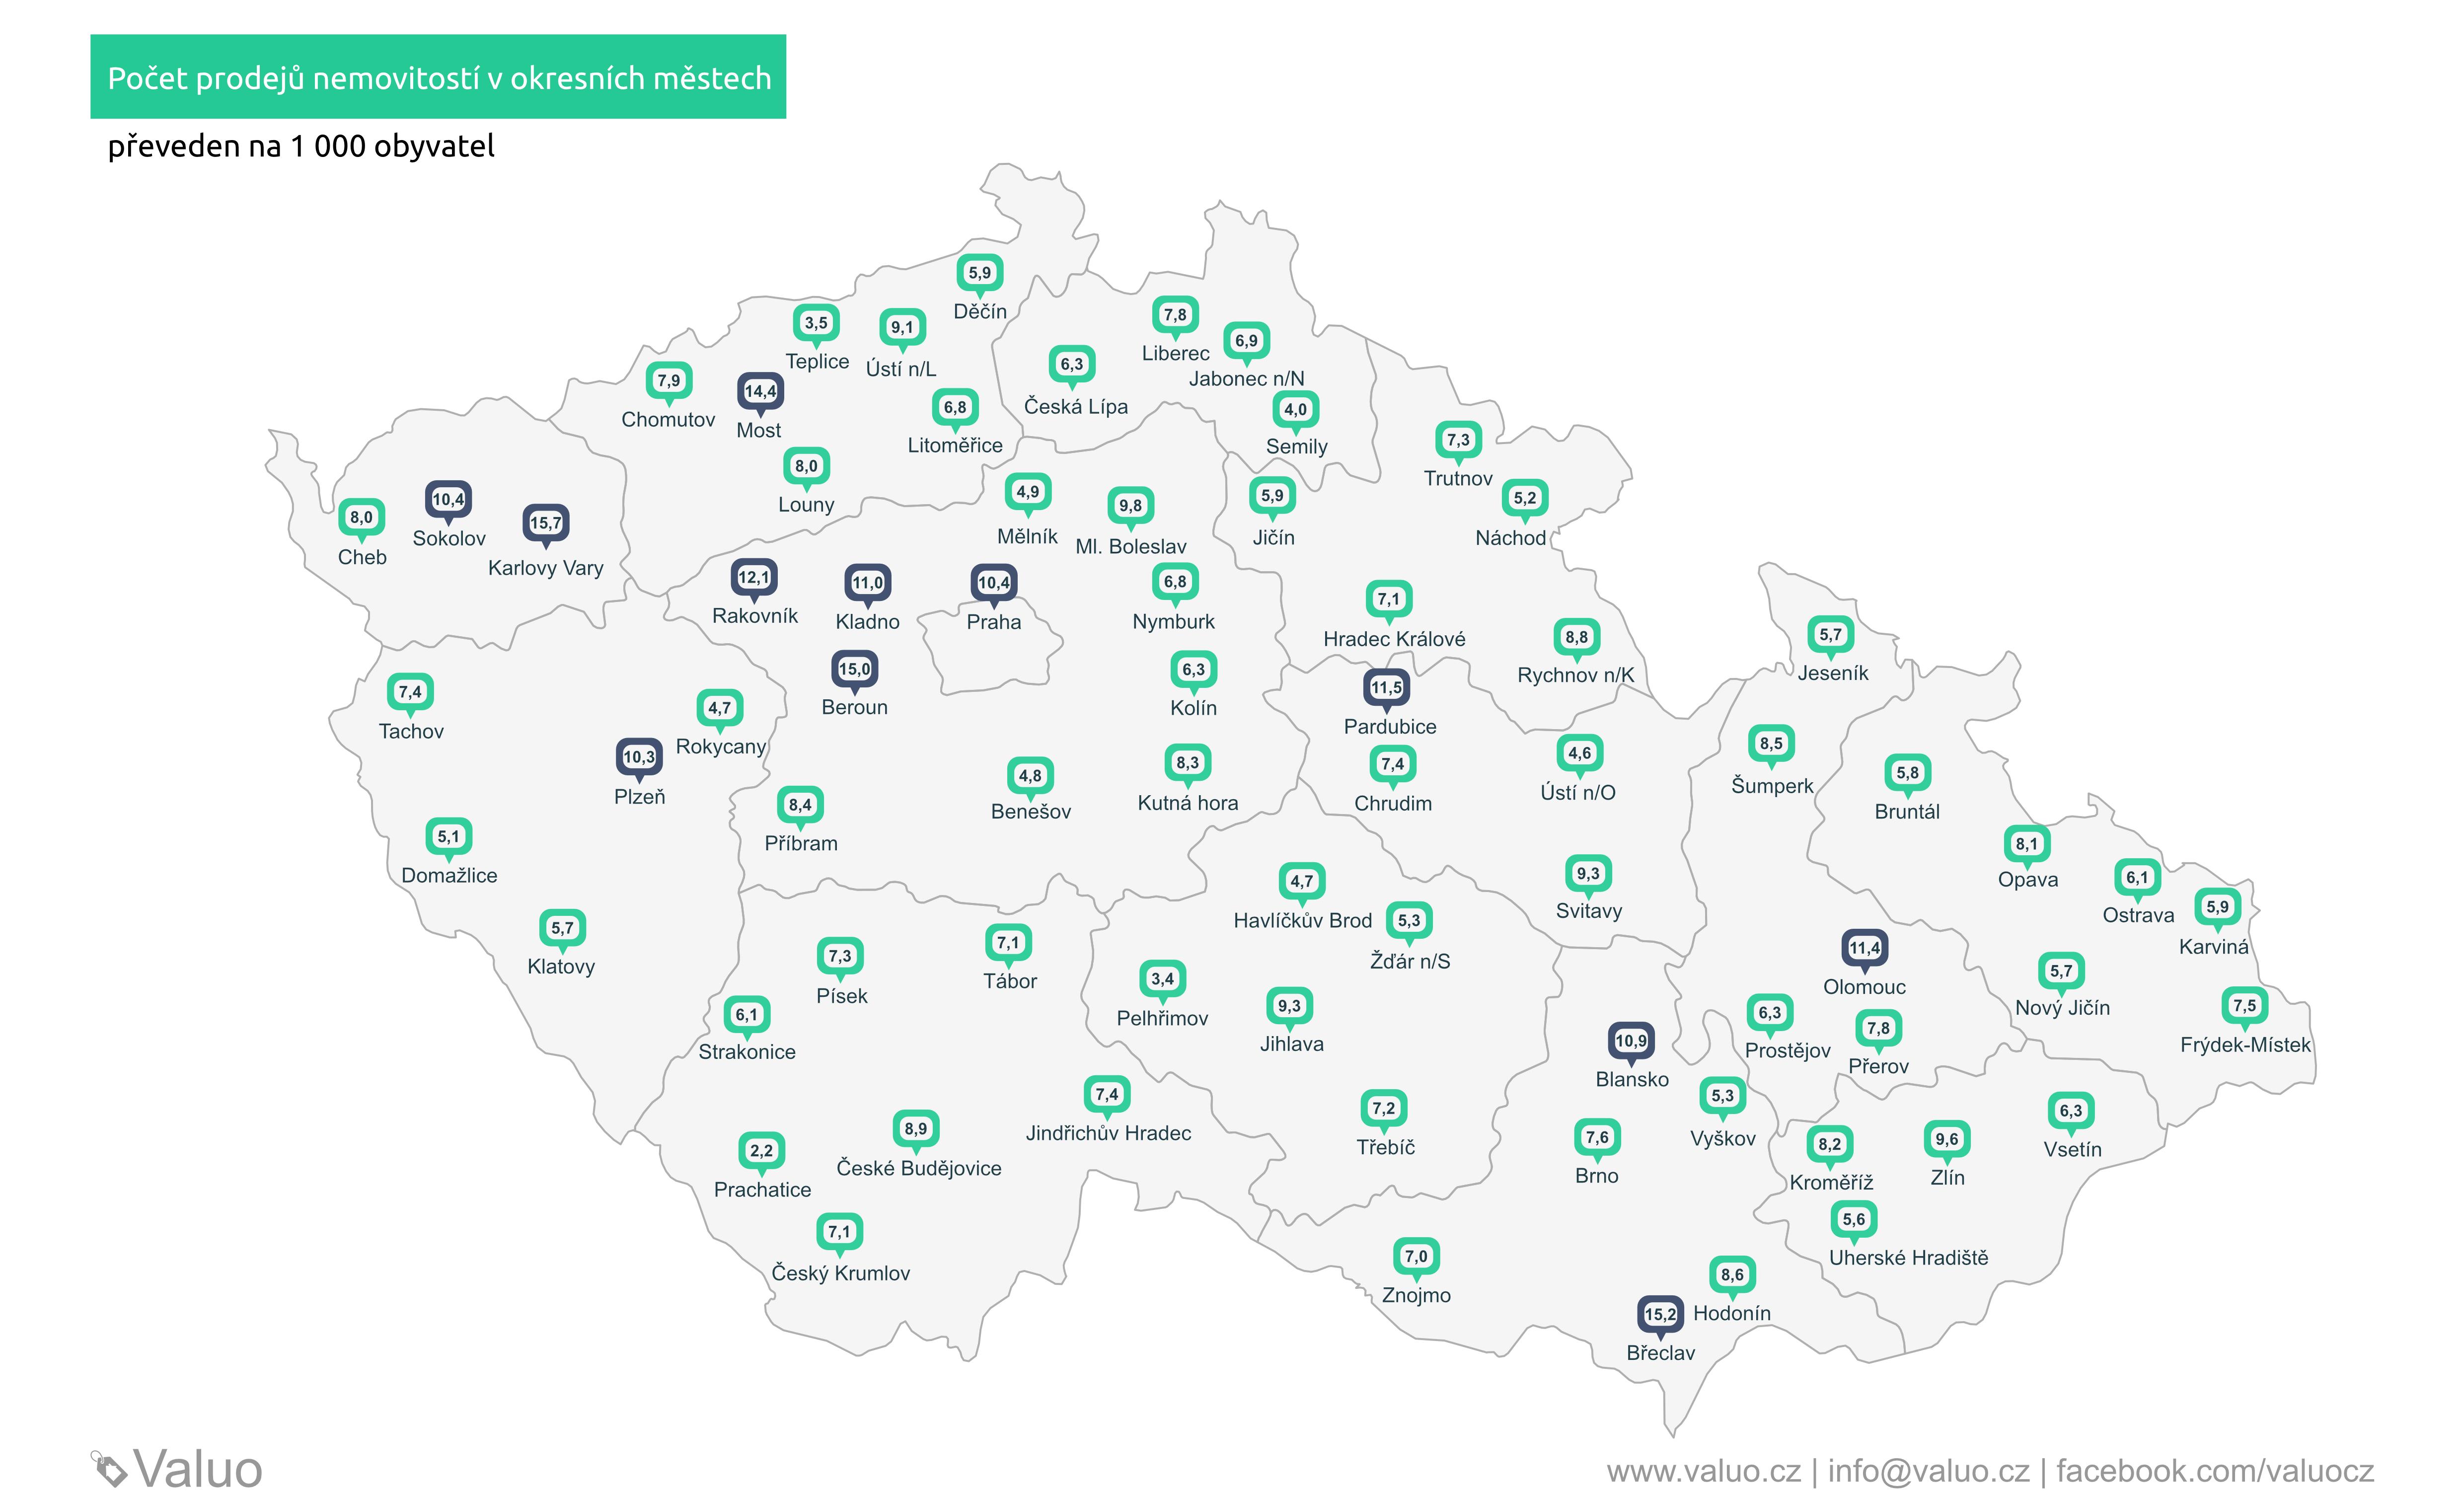 Mapa počet prodejů nemovitostí v ČR